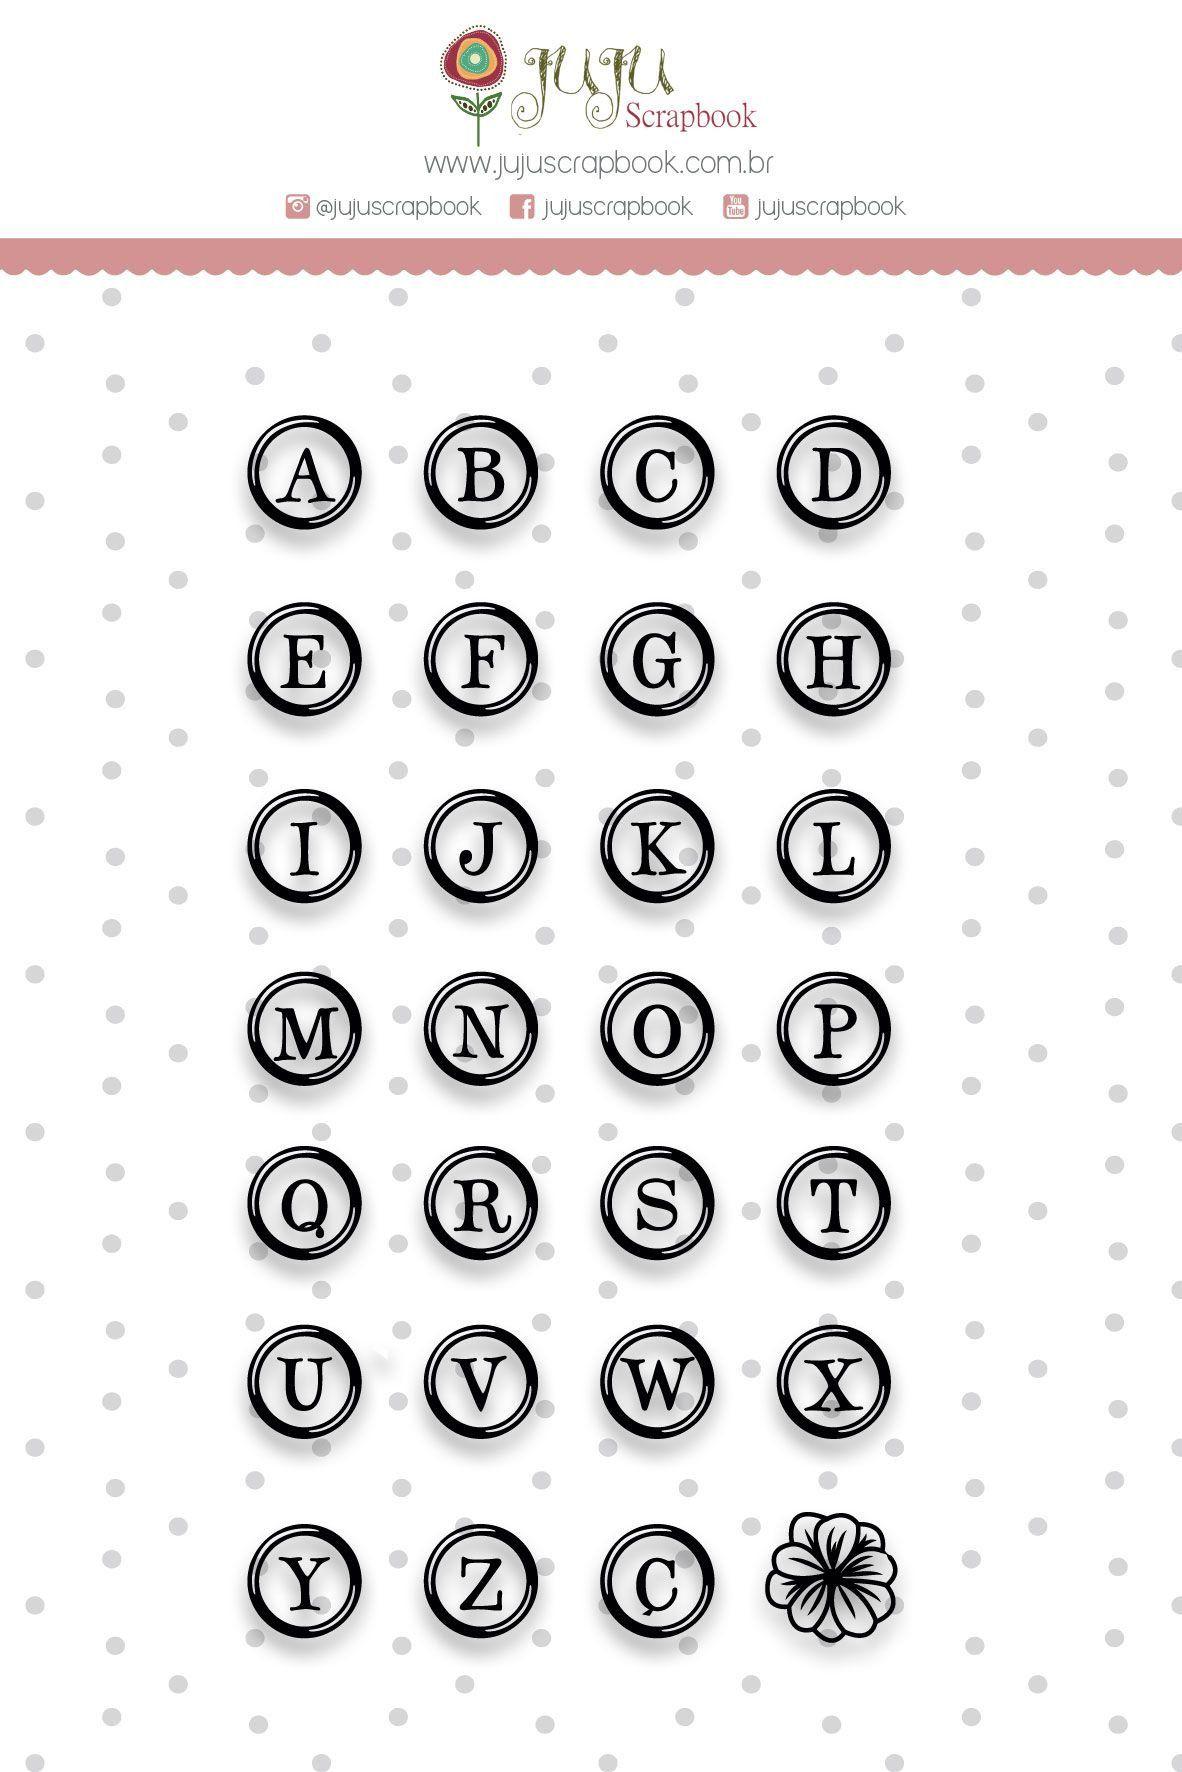 Carimbo Alfabeto Redondo - Coleção Shabby Dreams - Juju Scrapbook (22985)